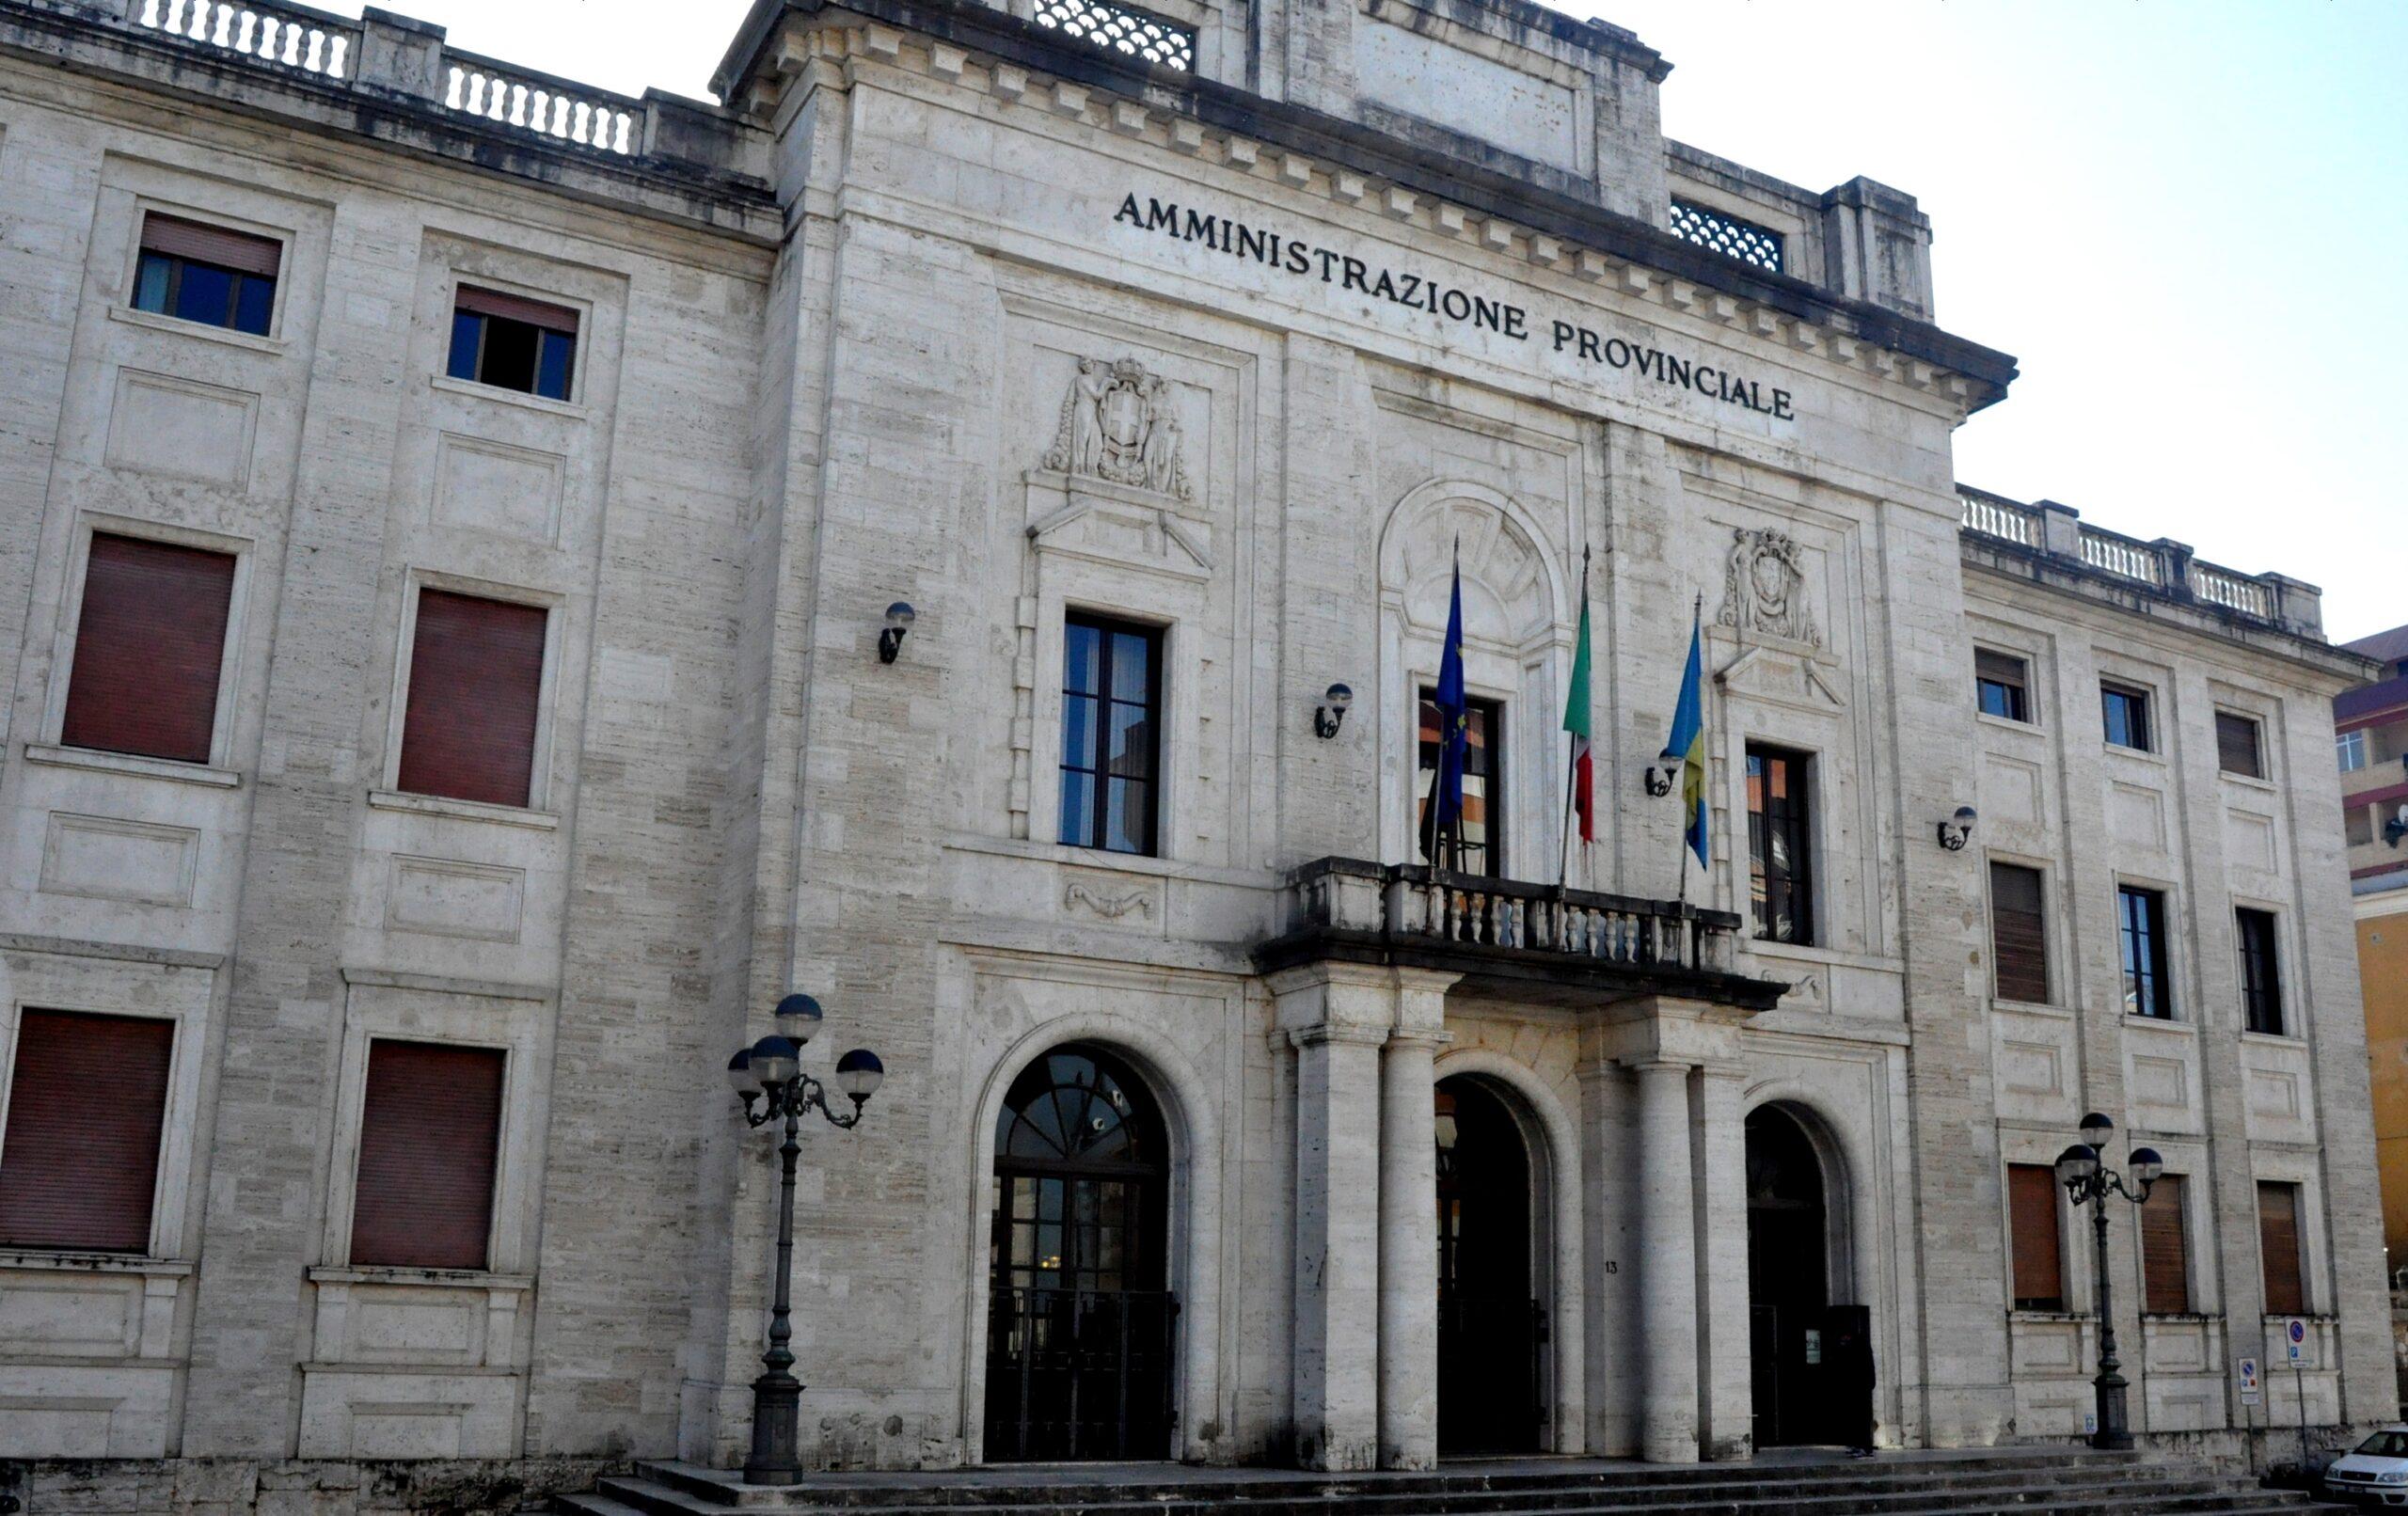 'Azione ProvincEgiovani': finanziato il progetto sull'ambiente della Provincia di Frosinone rivolto alle scuole superiori del territorio